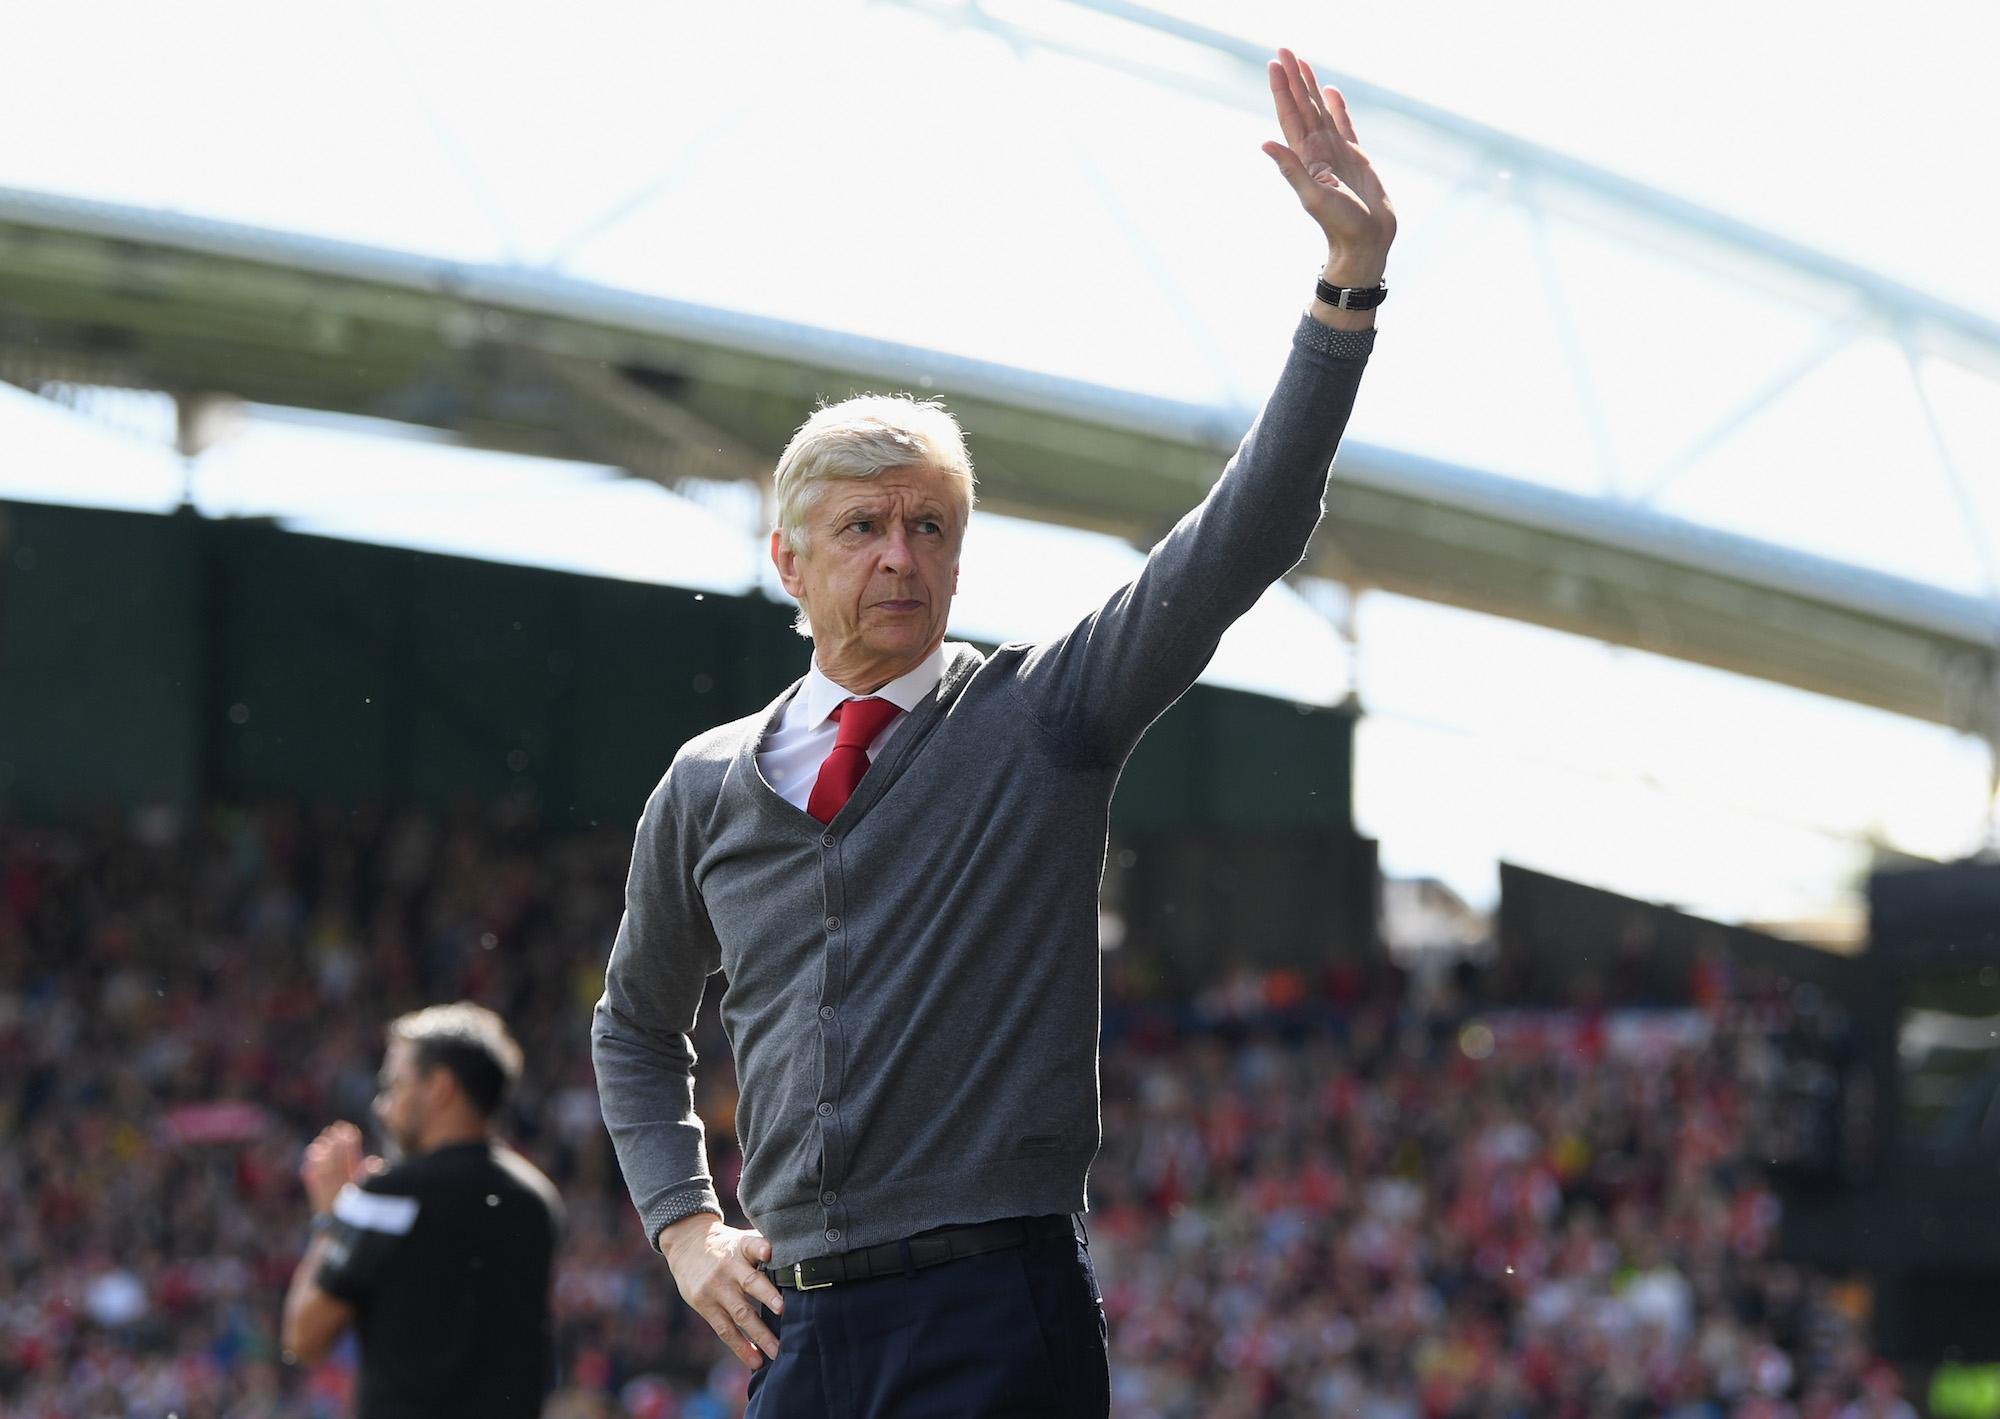 След 22 години в Арсенал днес Арсен Венгер окончателно напусна